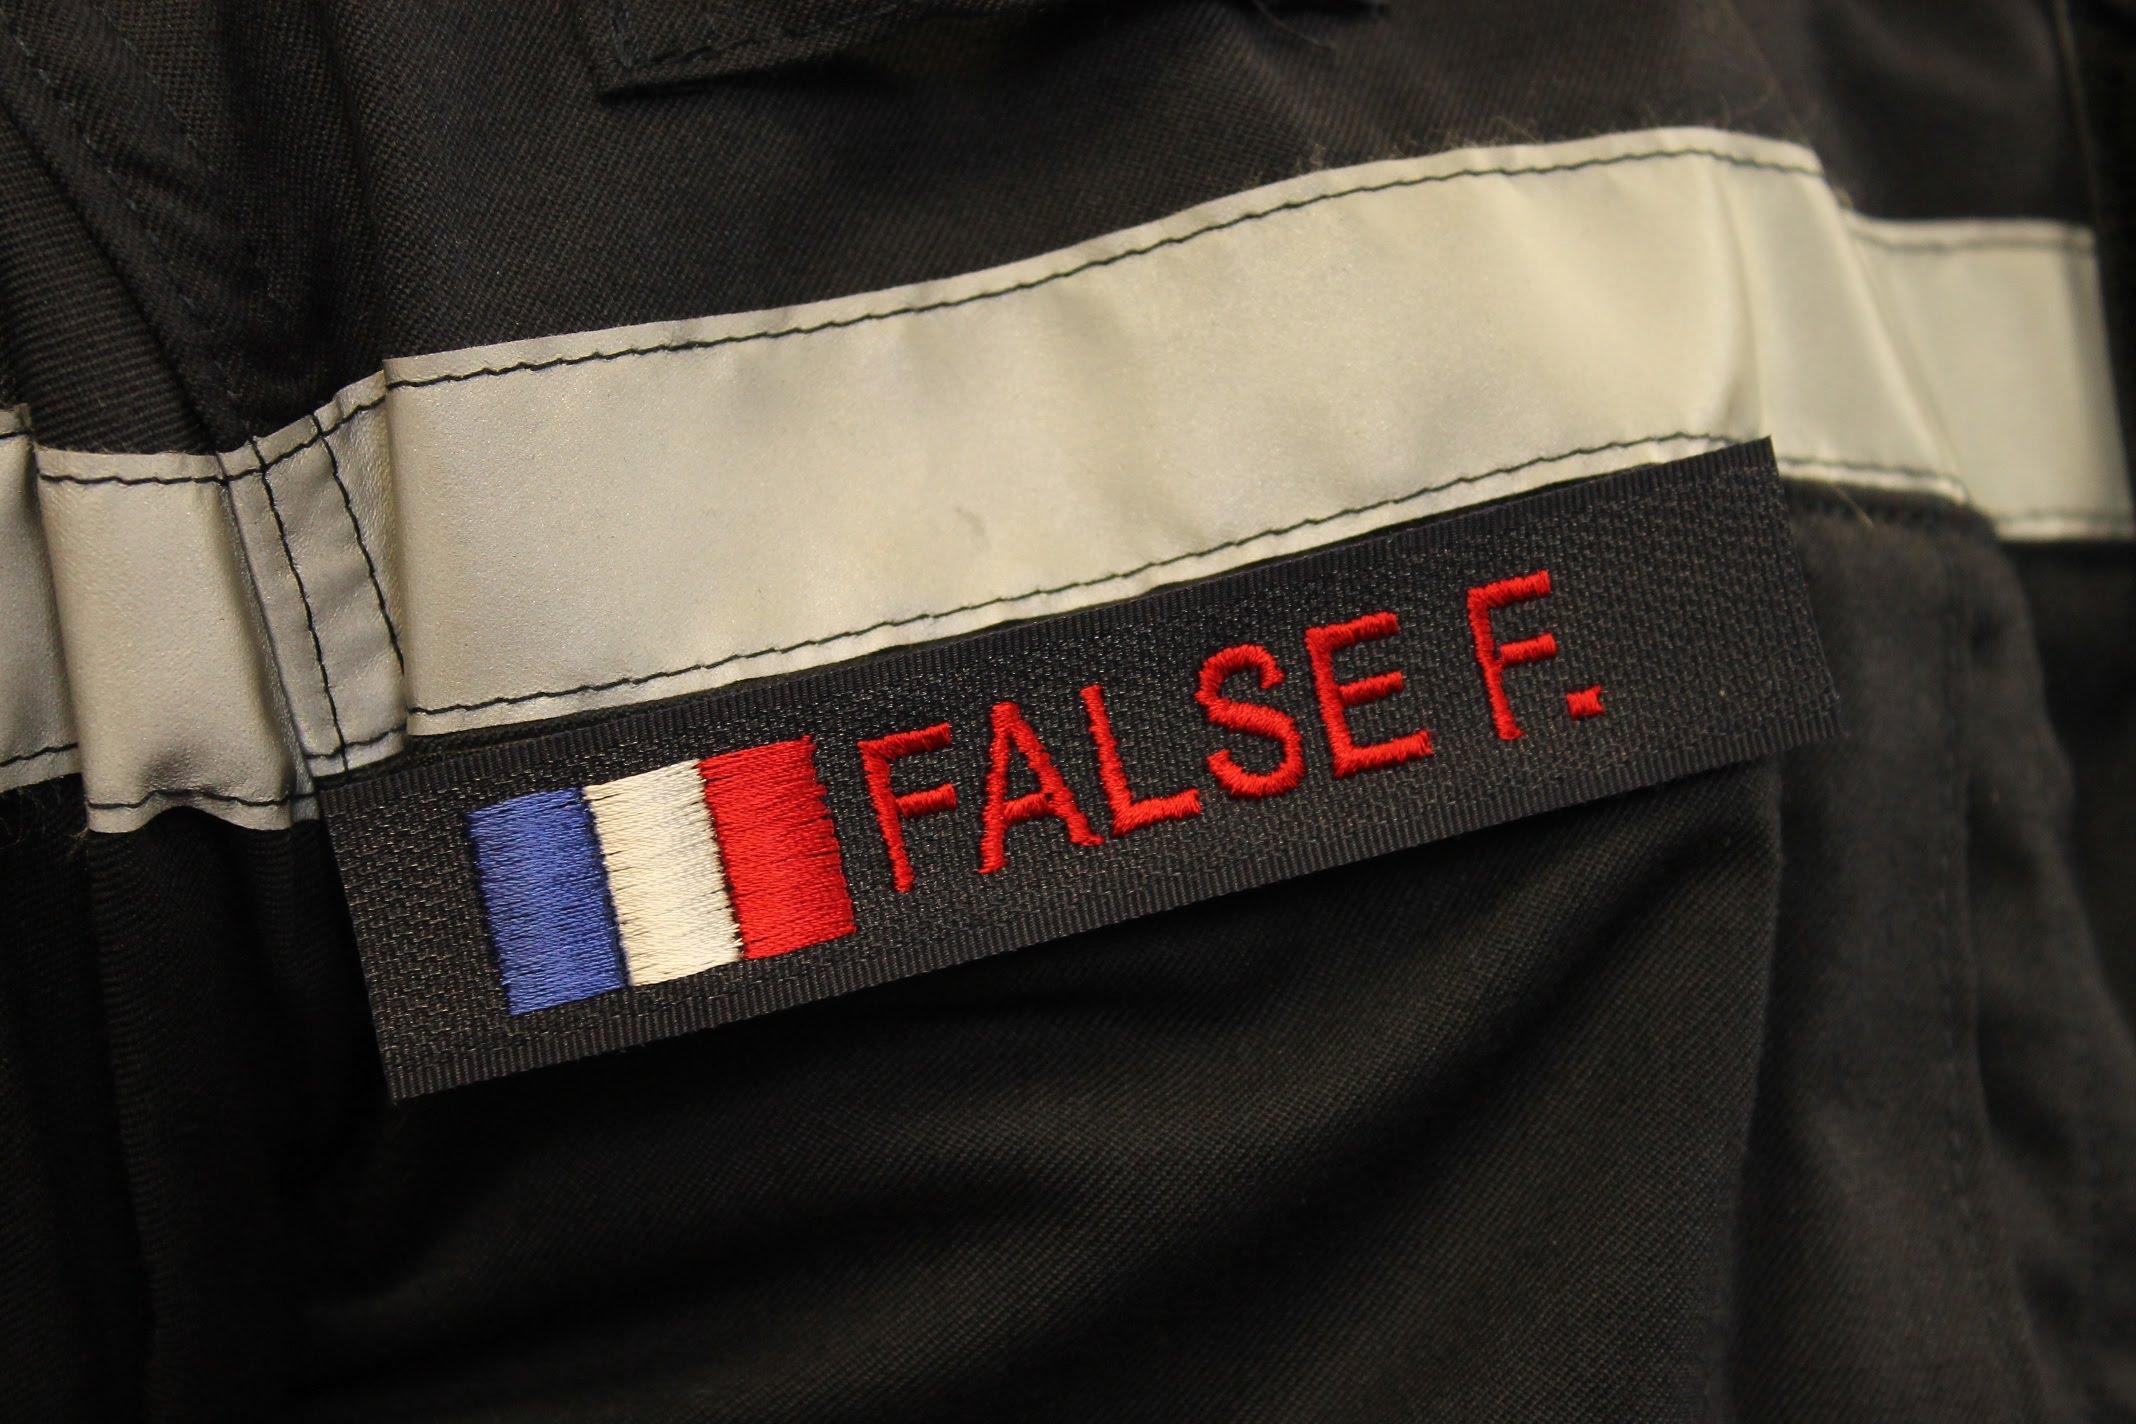 DBB Uniformes fabricant de nombreux écussons, bande de fonction et bande patronymique pour Sapeurs-Pompiers